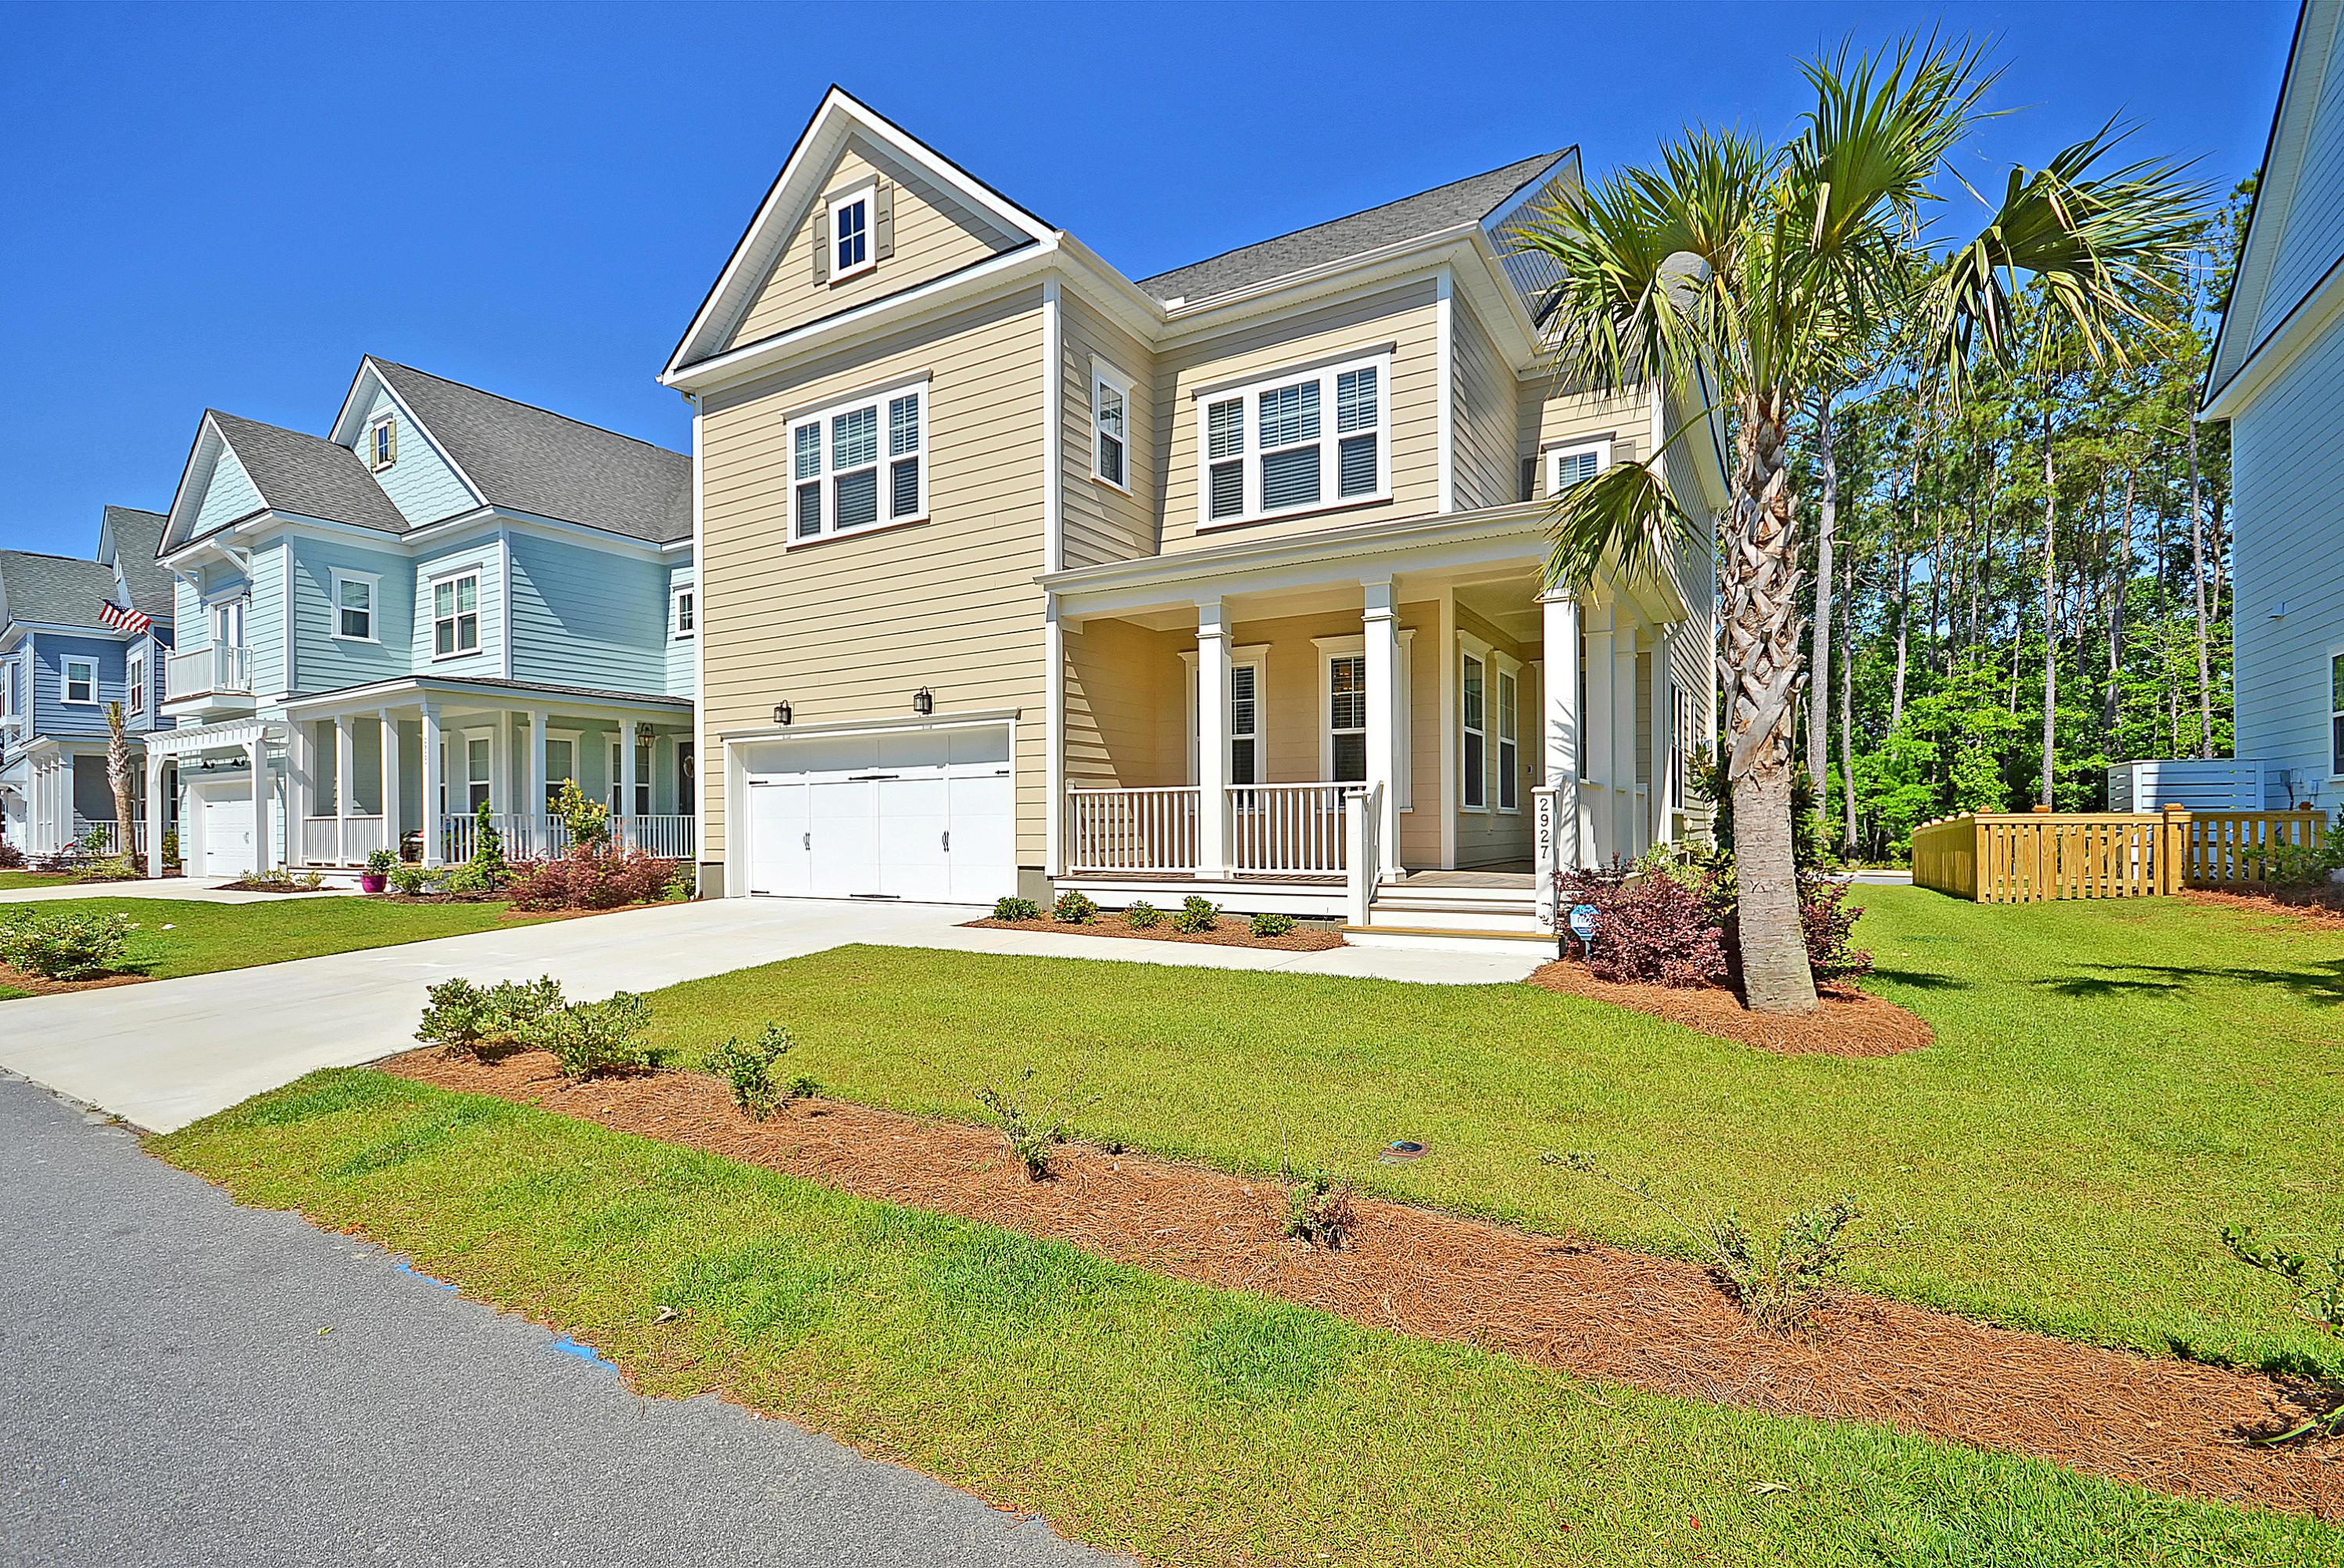 Dunes West Homes For Sale - 2927 Eddy, Mount Pleasant, SC - 33